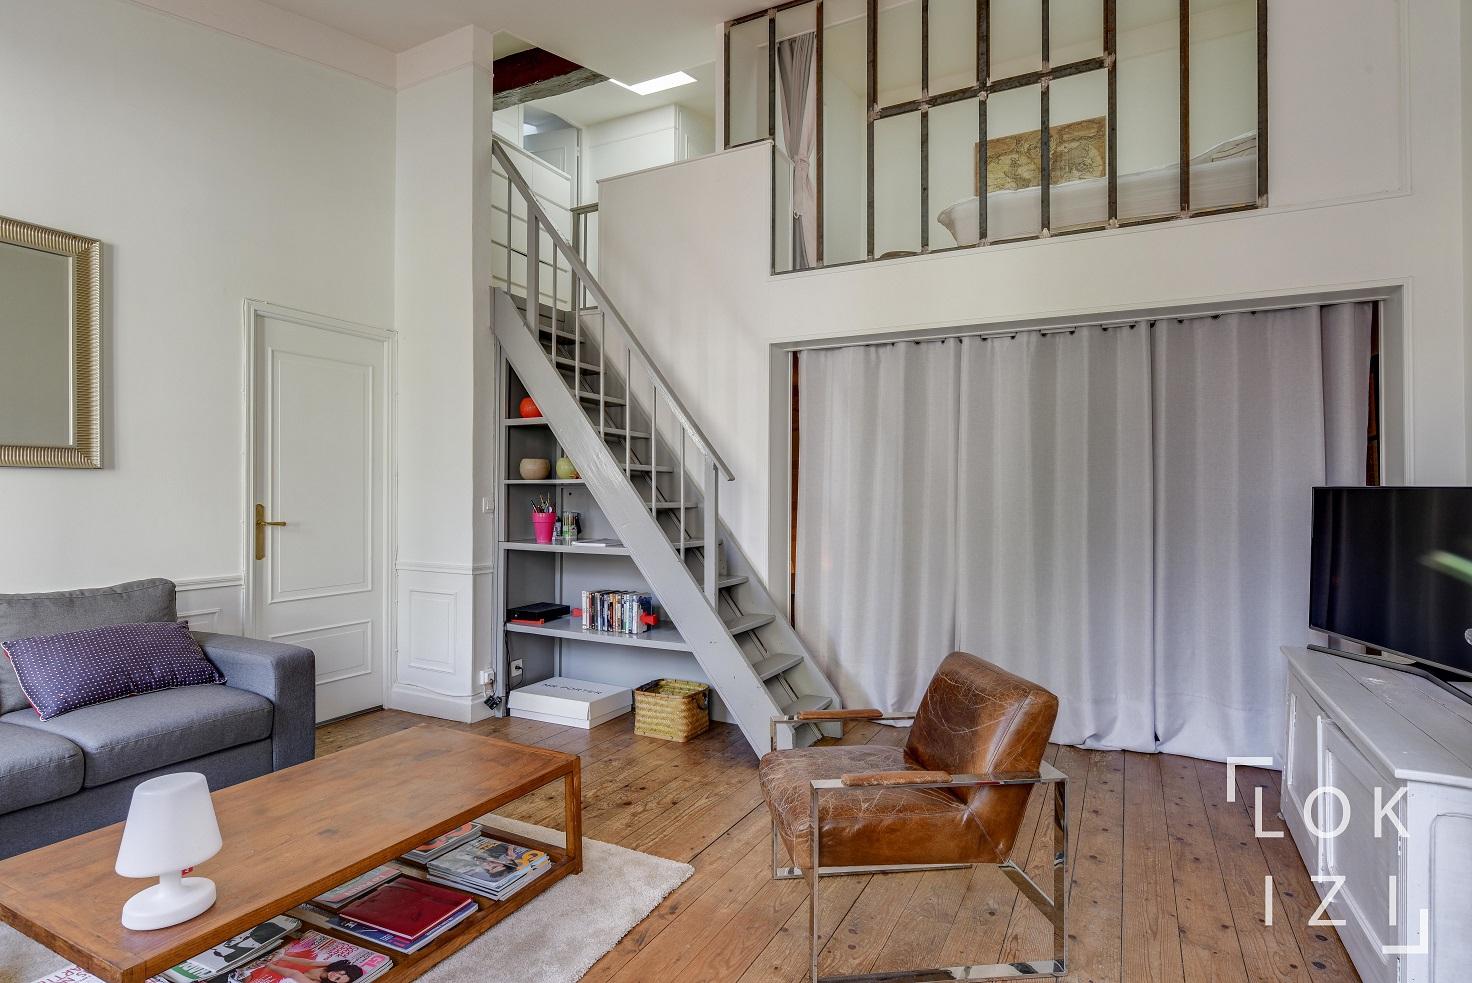 Location Appartement Meublé 2 Pièces 59M² (Bordeaux Centre serapportantà Studio Meublé Bordeaux